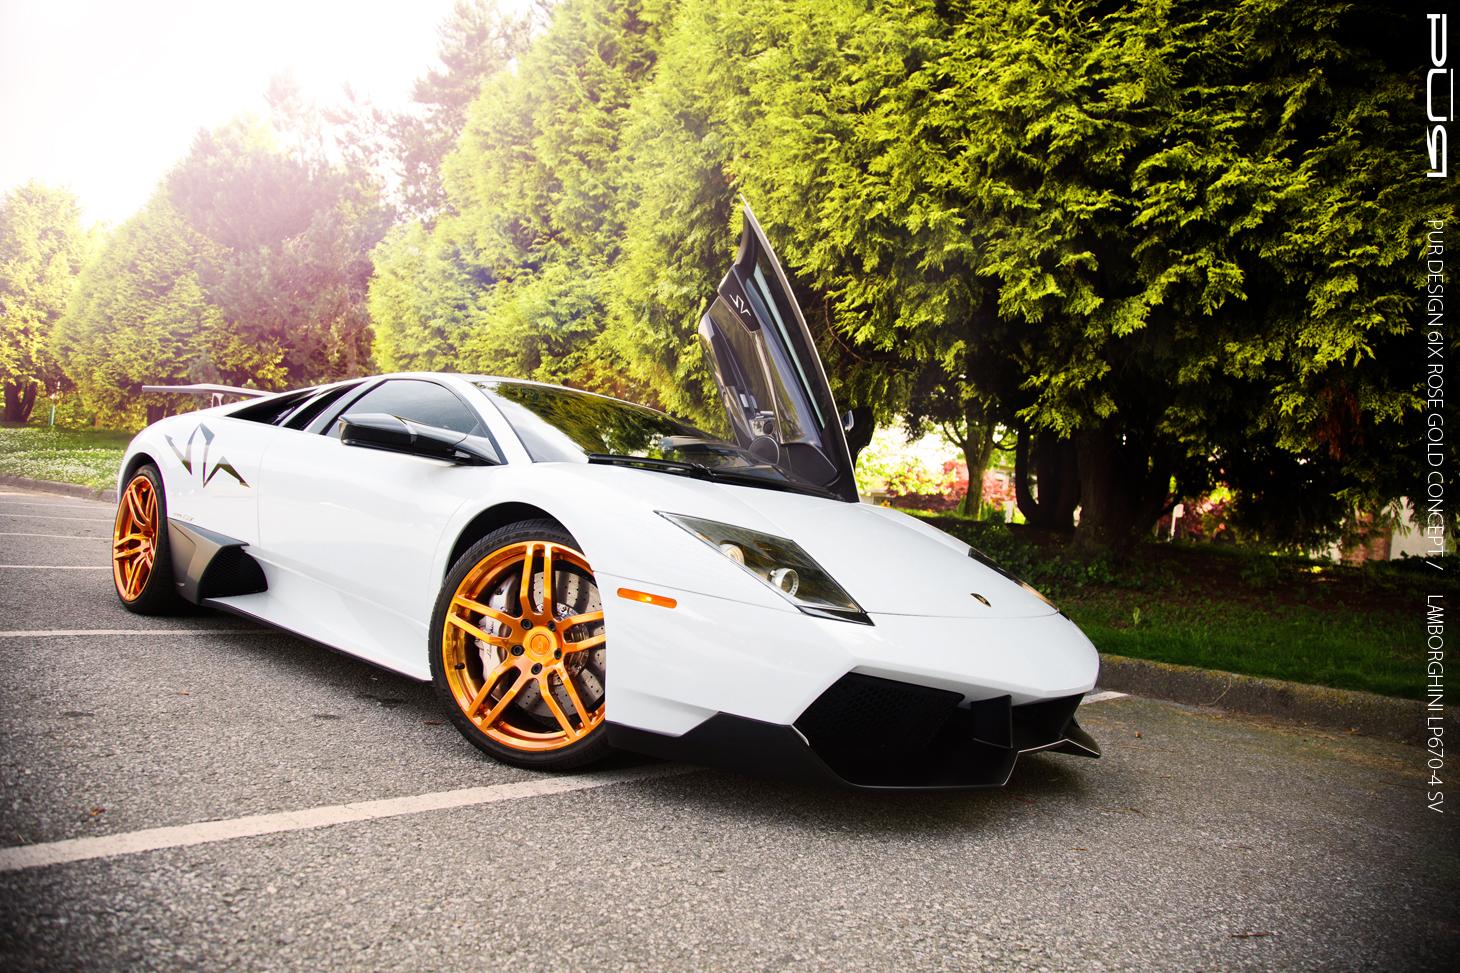 The Golden Renaissance Project Sr Auto Lamborghini Murcielago Lp670 4 Sv